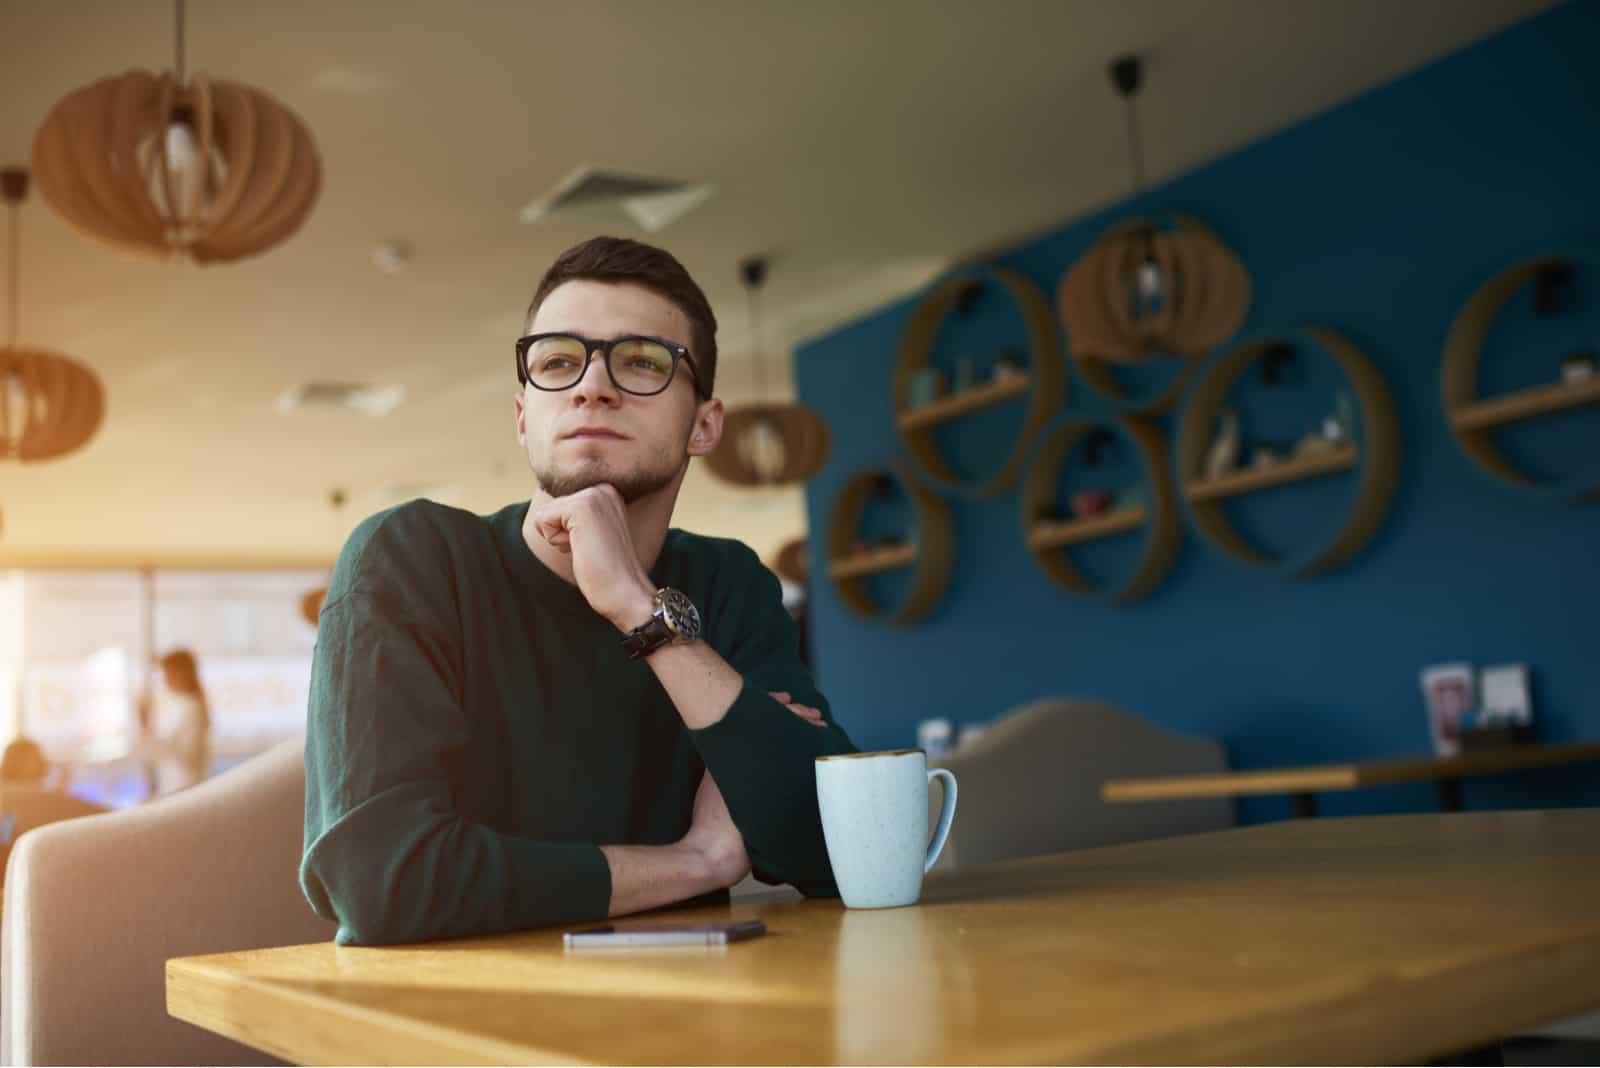 un homme imaginaire est assis dans un café et boit du café